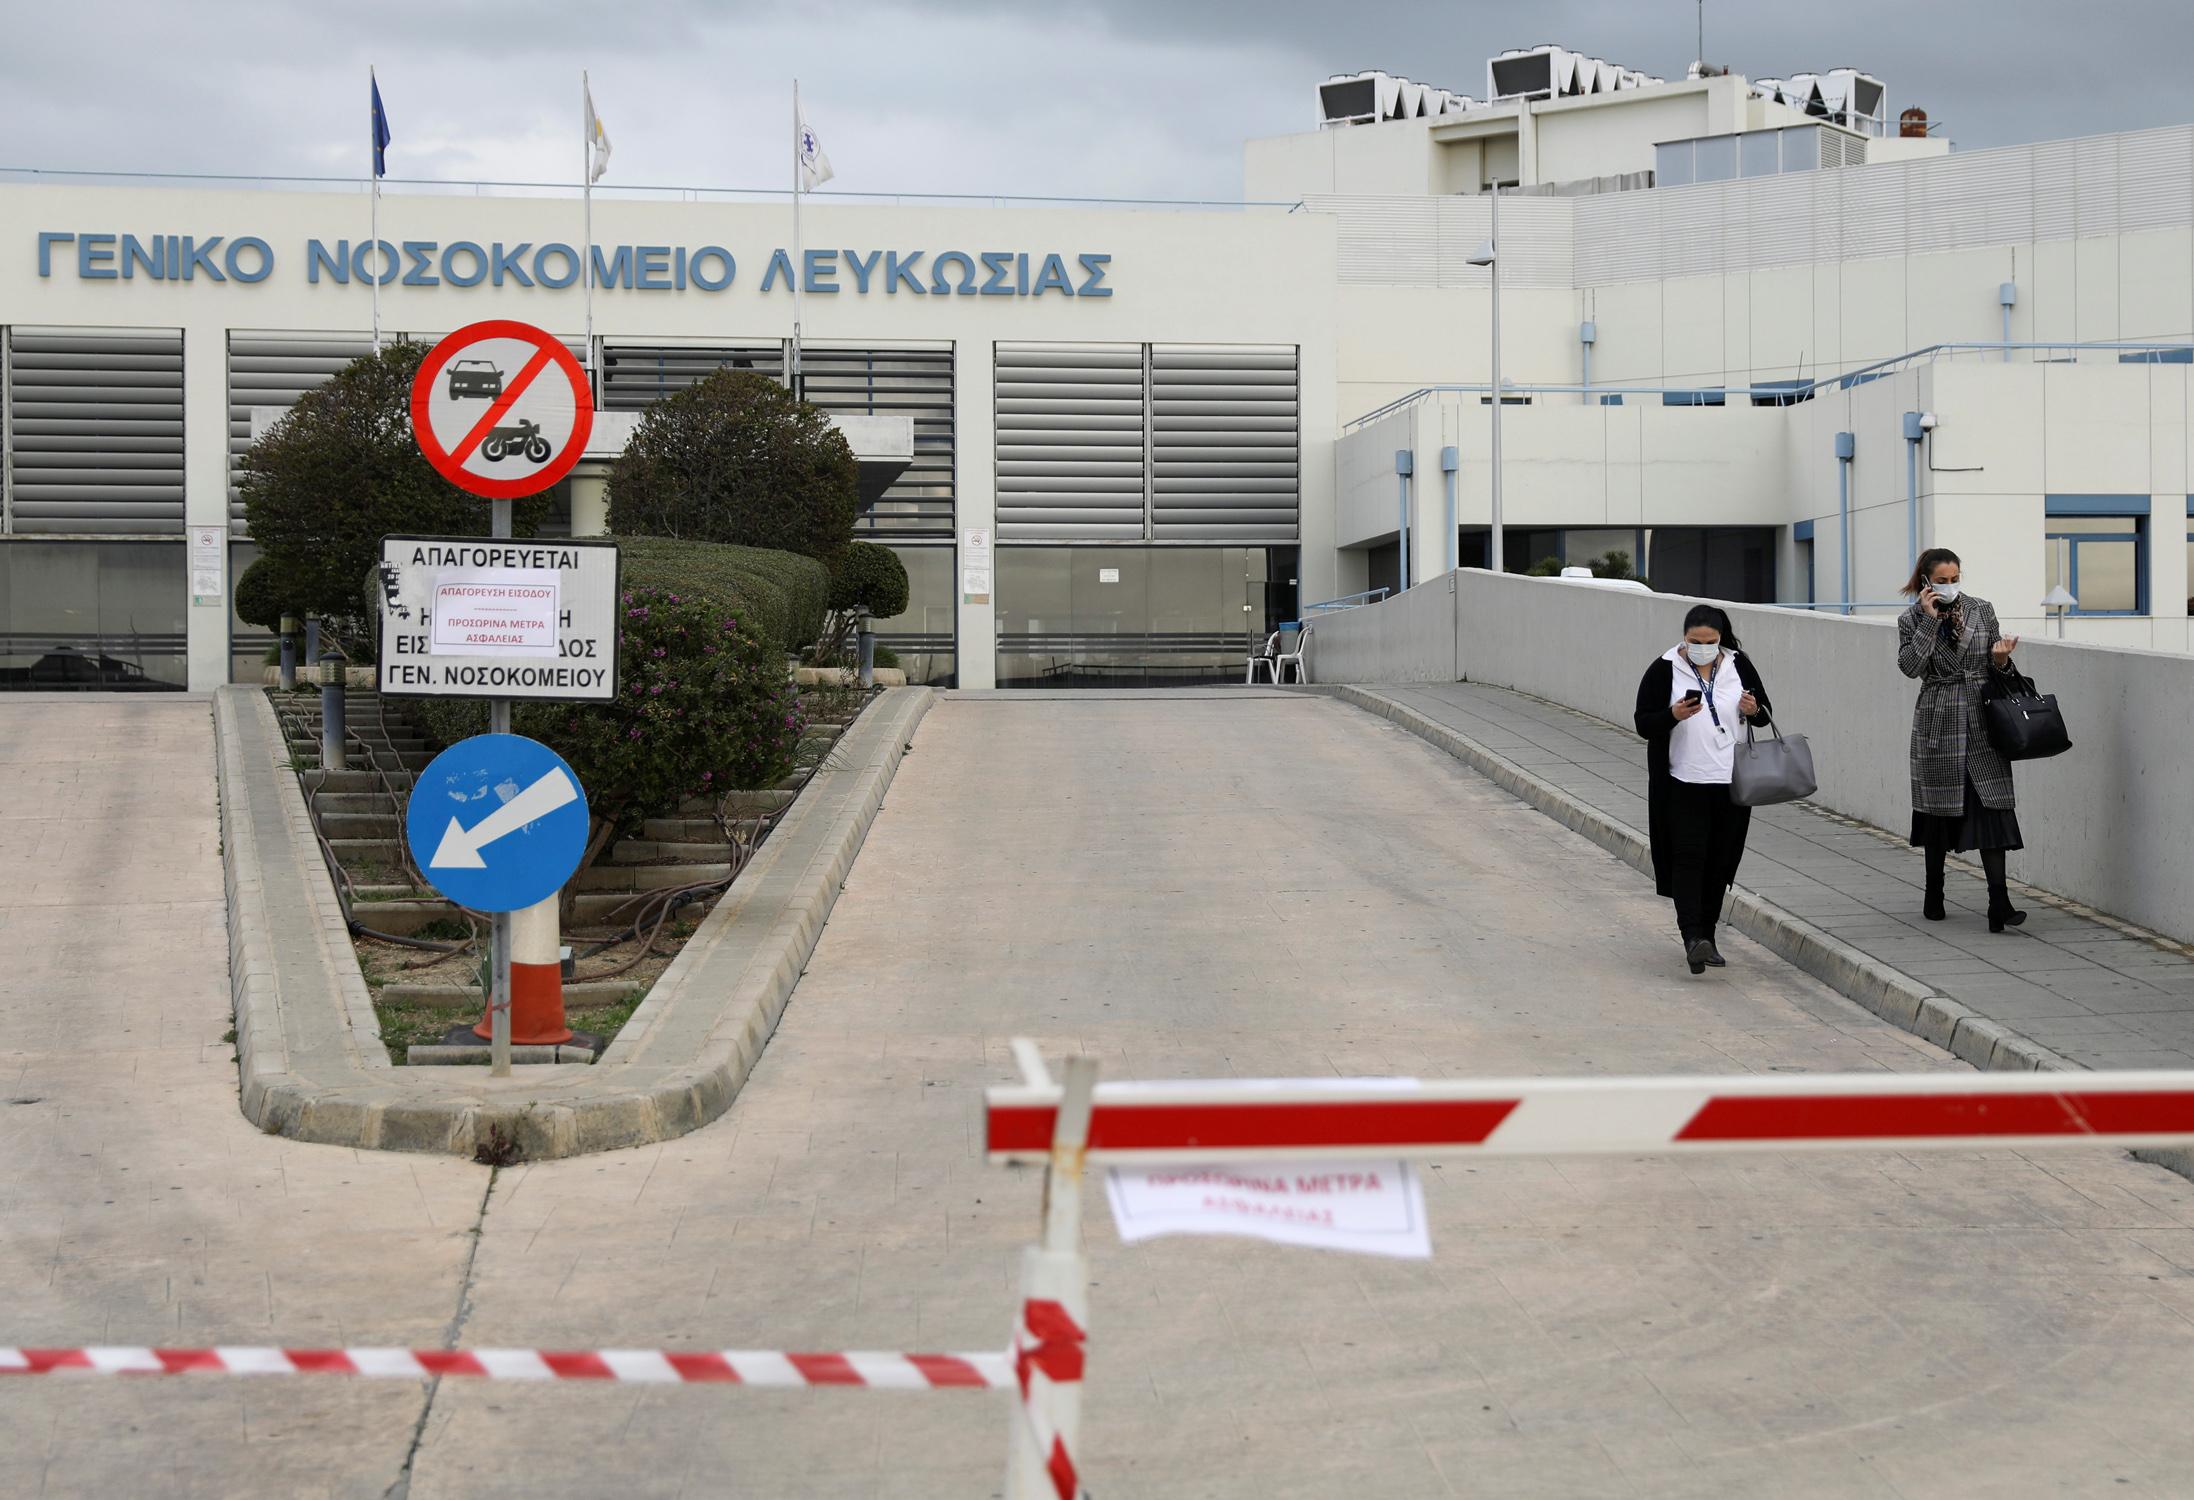 Κορονοϊός: Απαγόρευση κυκλοφορίας και στην Κύπρο! Το διάγγελμα Αναστασιάδη